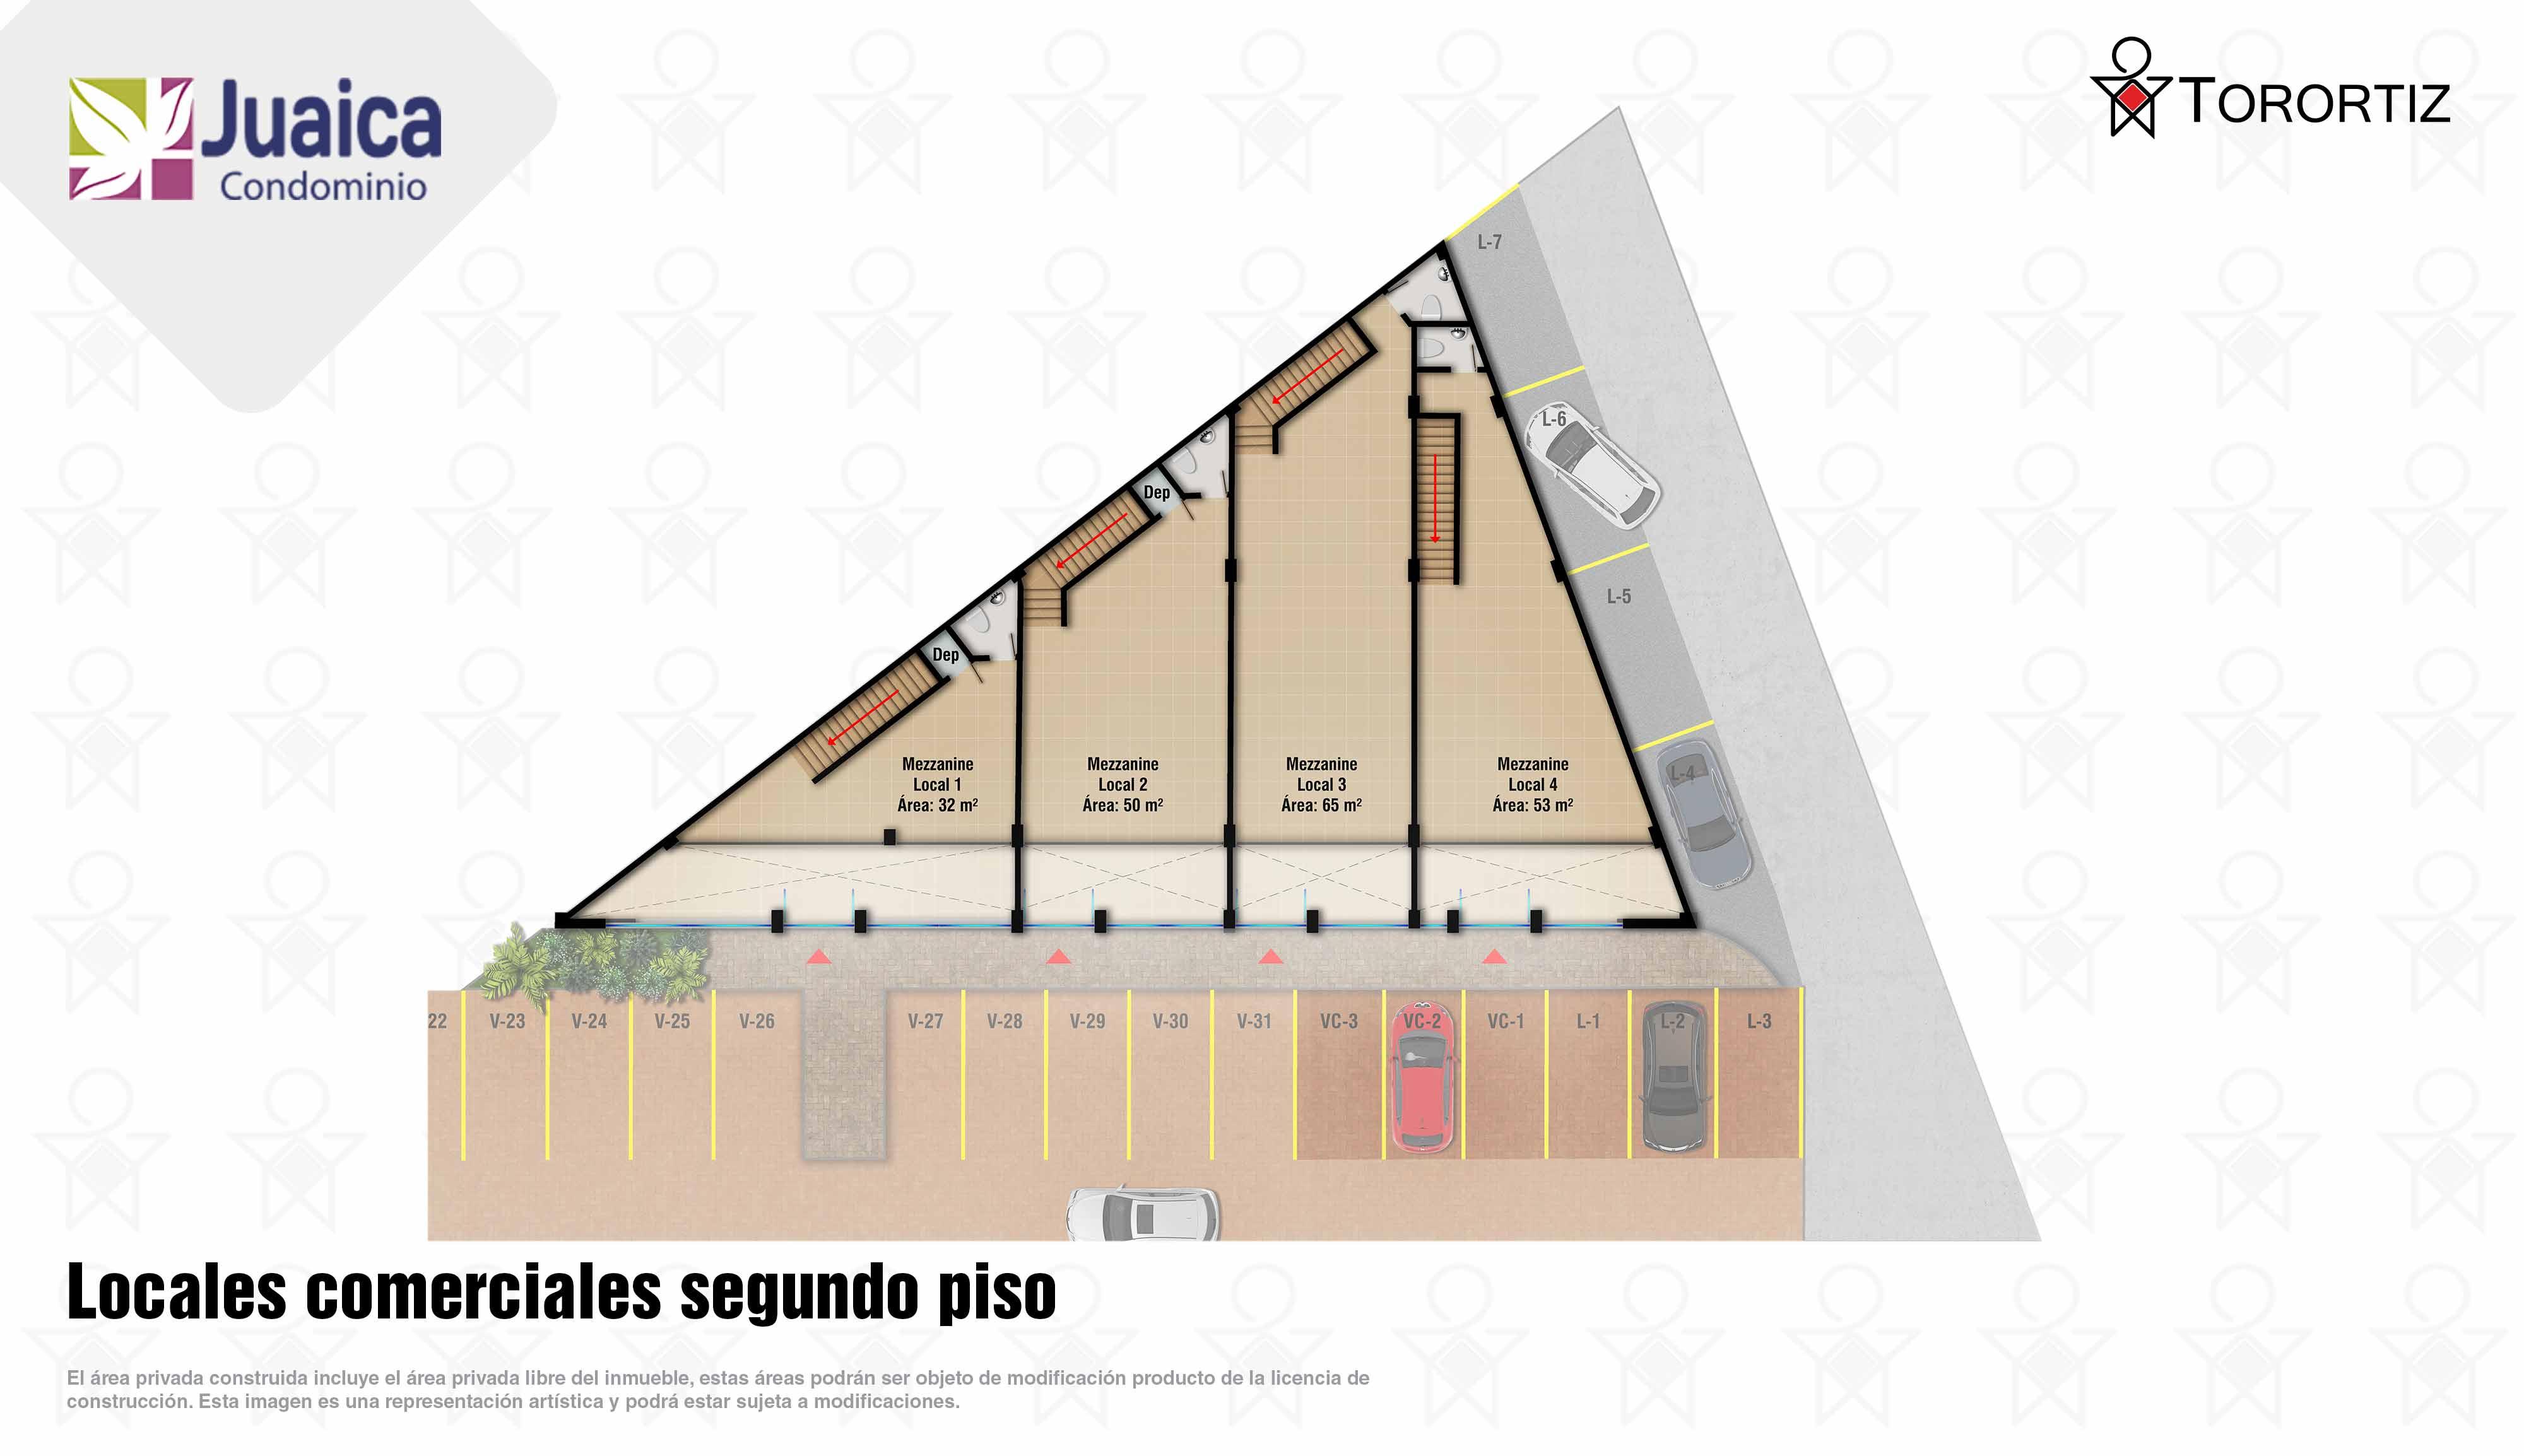 Juaica-condominio-locales-tenjo-calle-80-portal-venta-vivienda-nueva-cundinamarca-mezzanine-torortiz-casas-lotes-Locales comerciales segundo piso